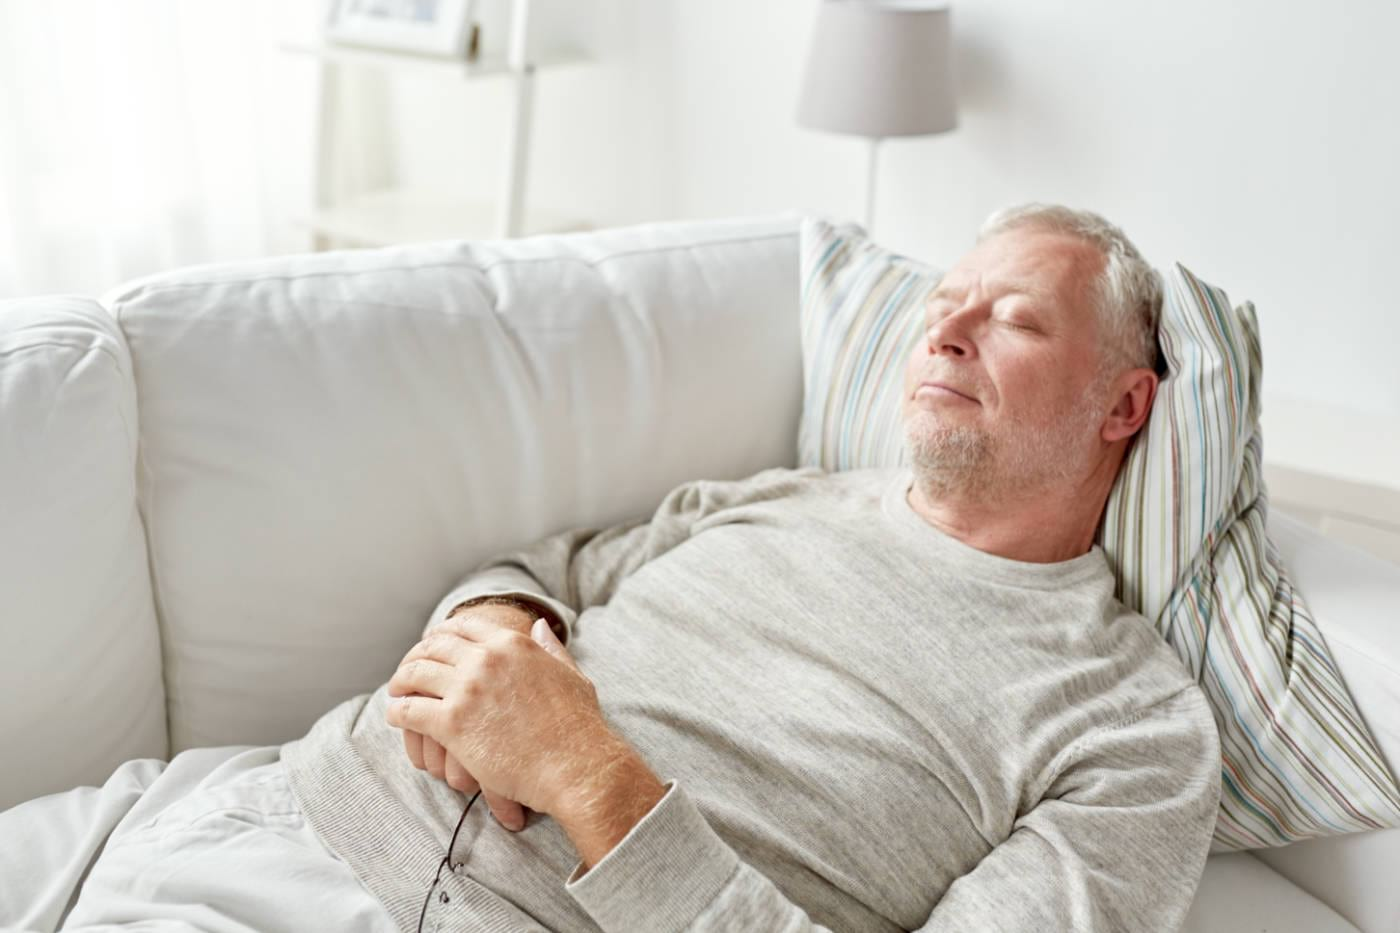 Somnul de după-amiază ar putea să scadă tensiunea arterială [studiu]